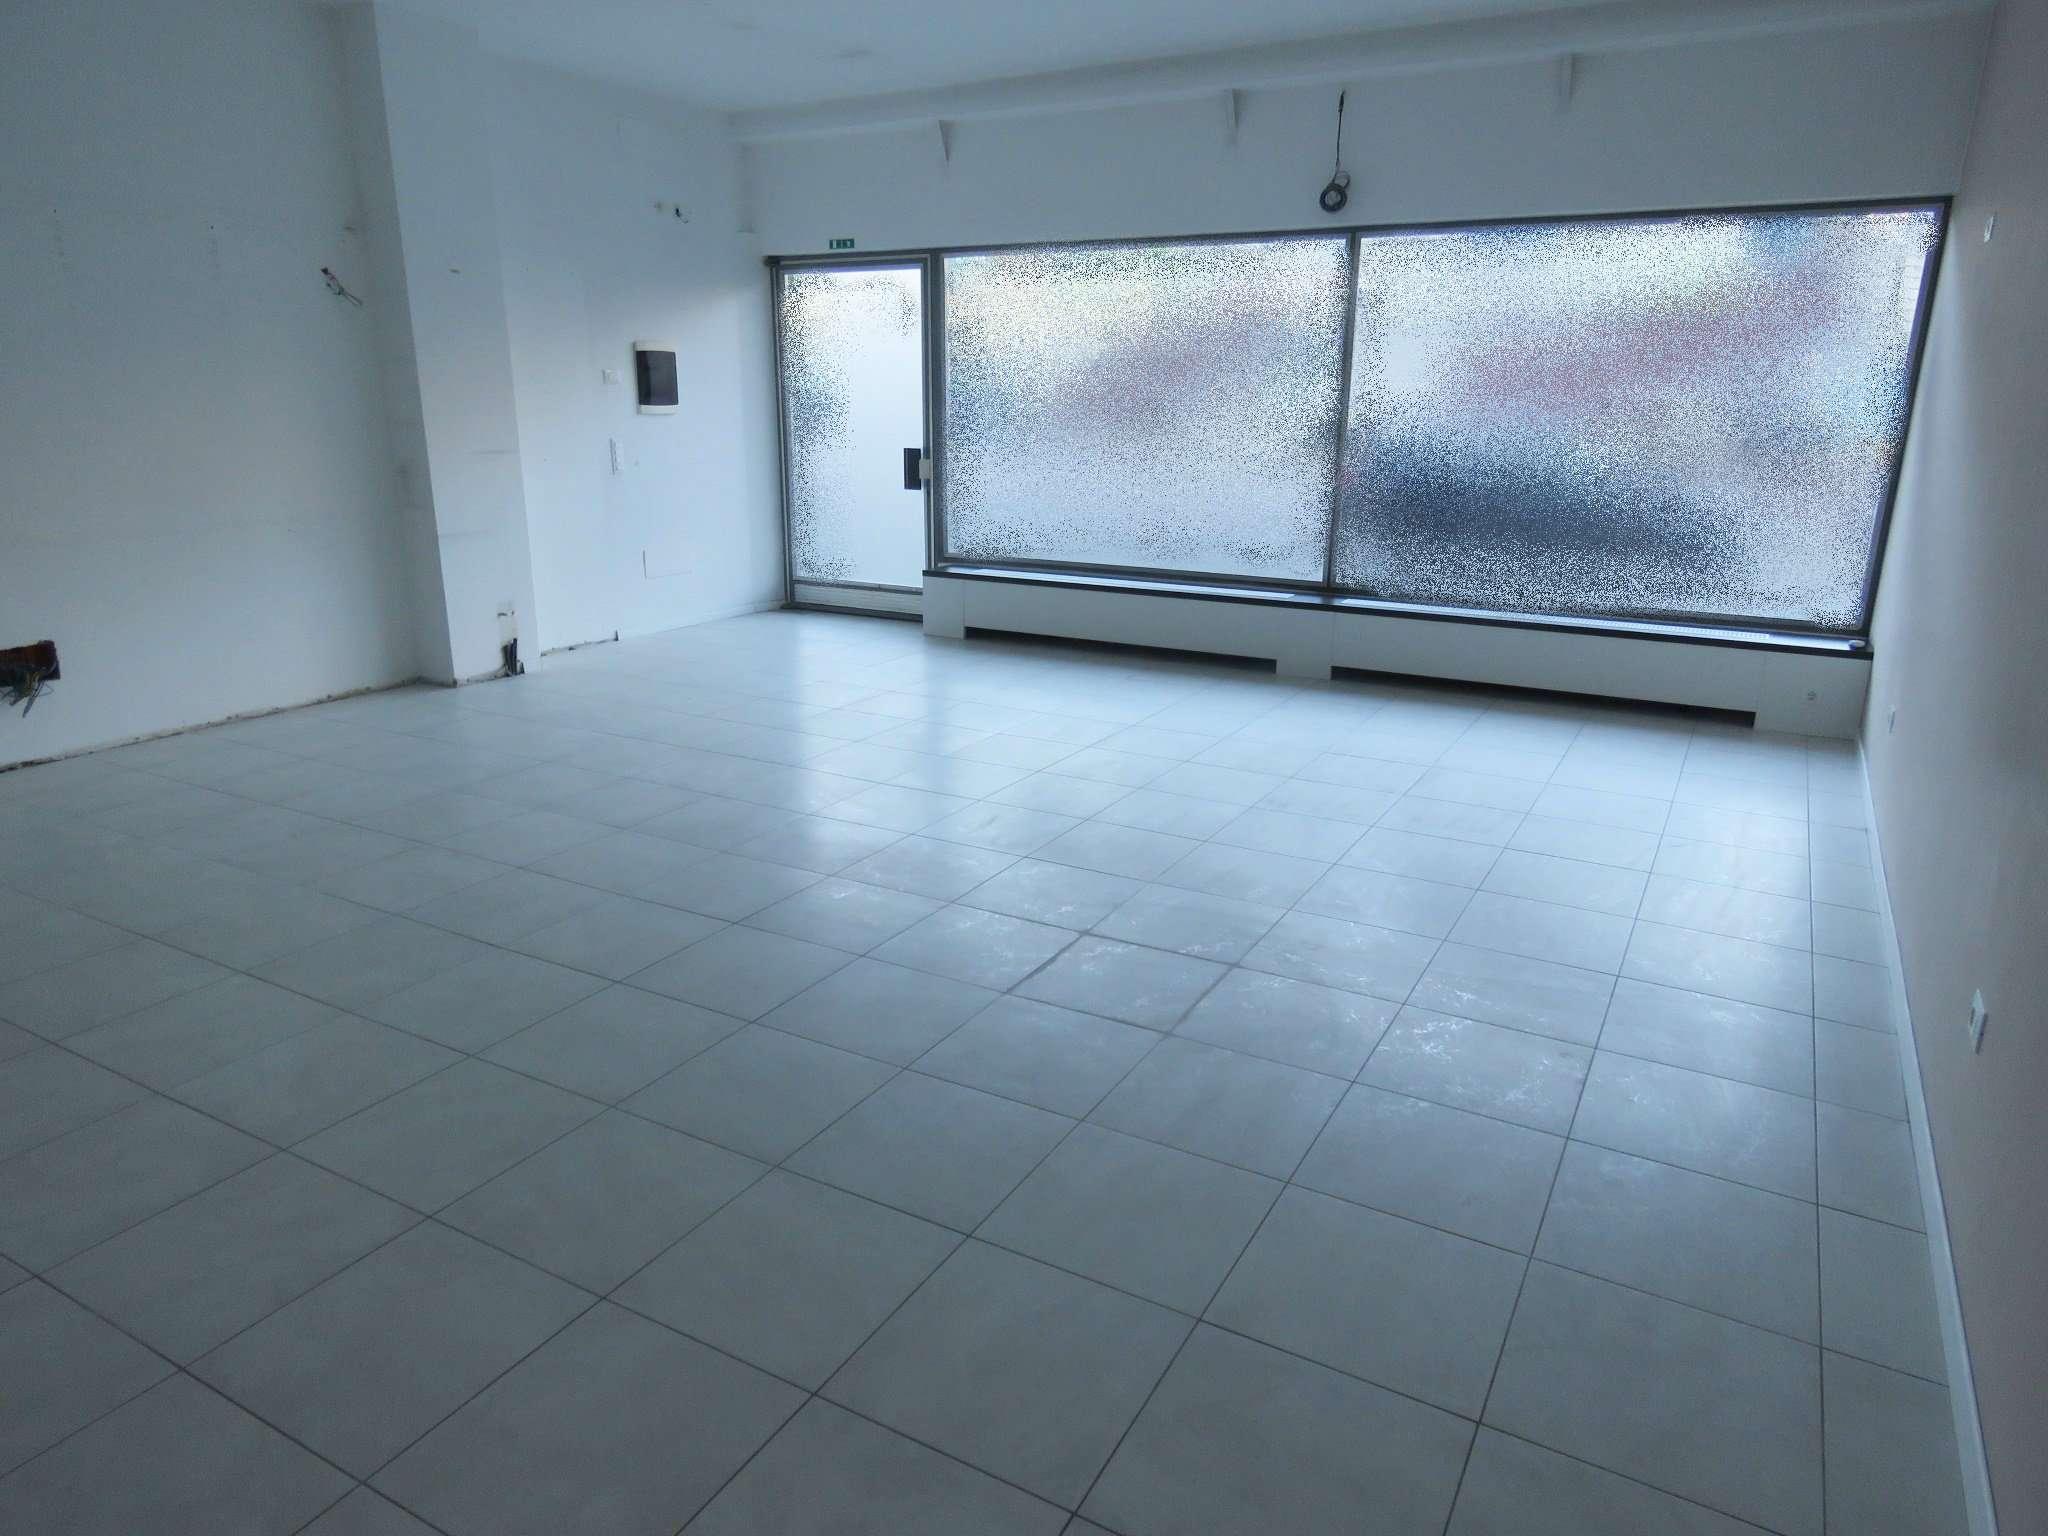 Negozio / Locale in vendita a Lana, 3 locali, prezzo € 350.000 | Cambio Casa.it